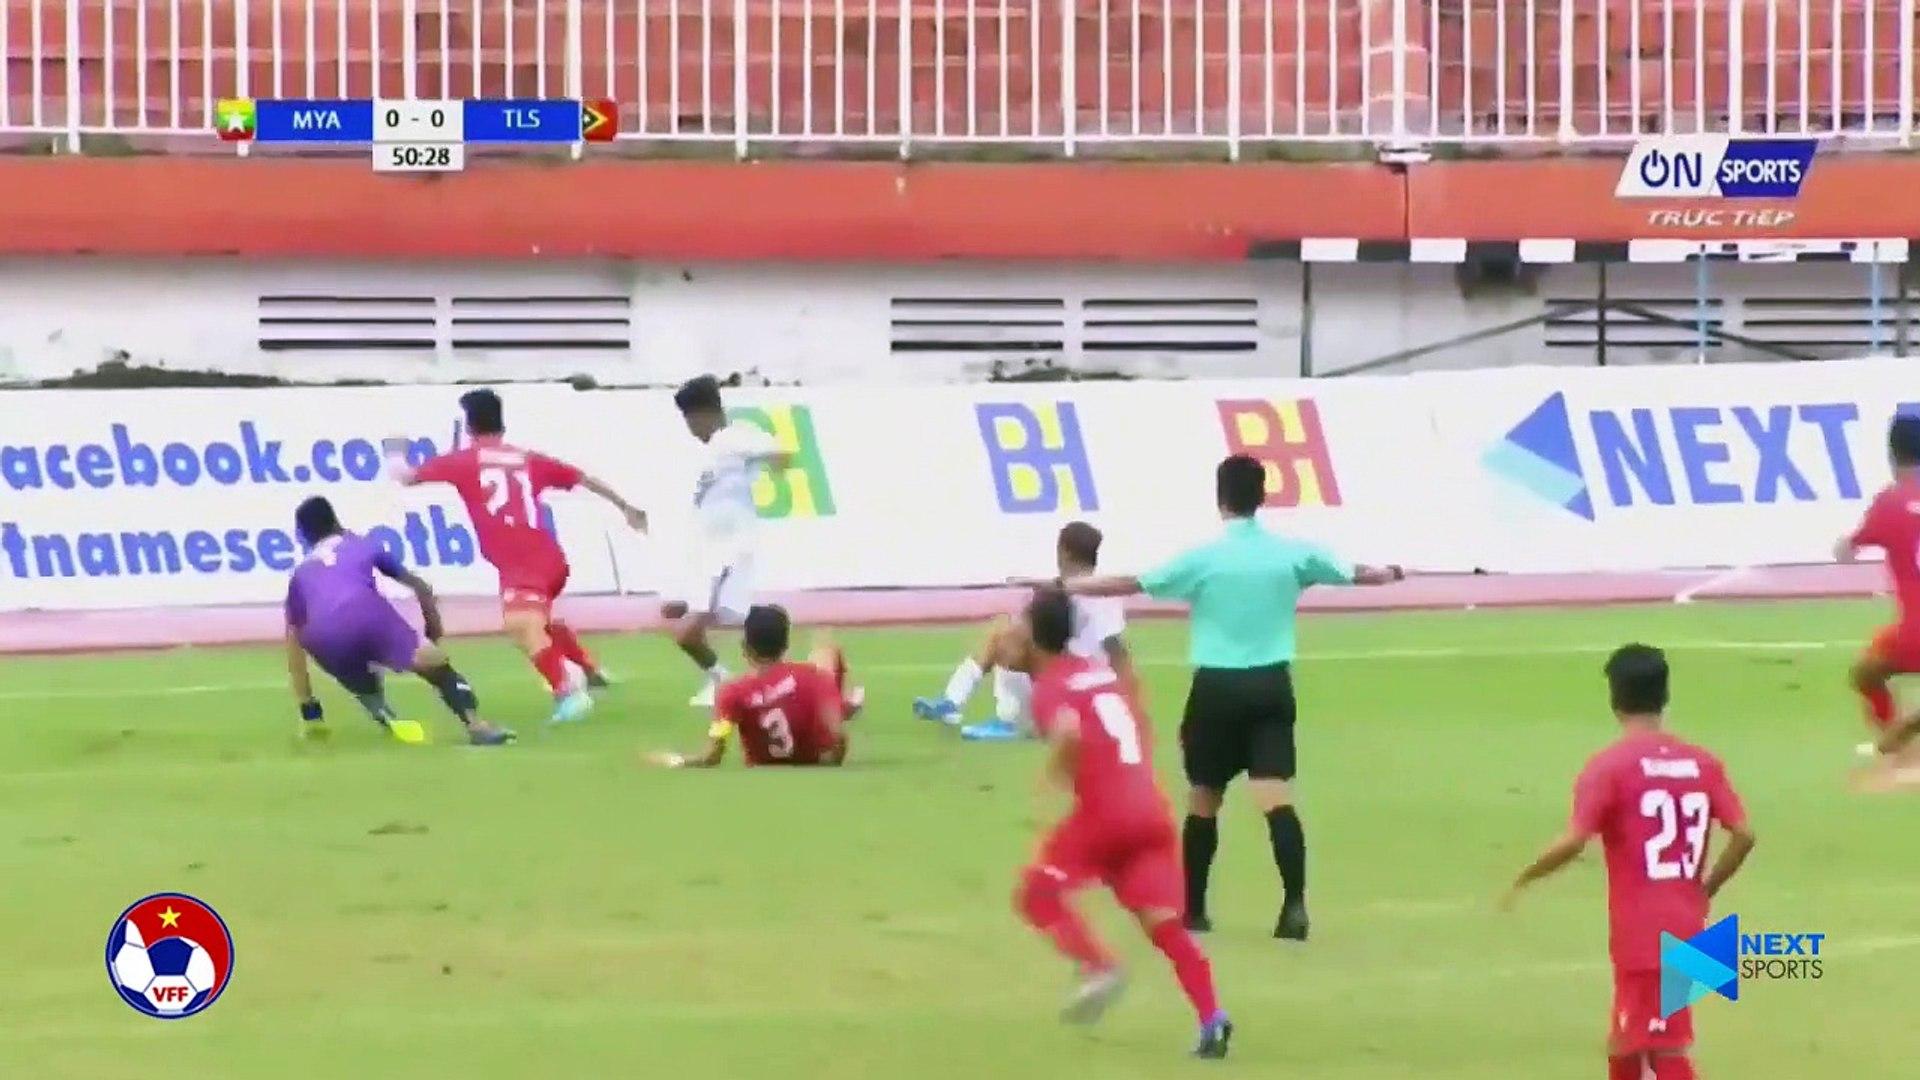 Đánh bại U18 Timor-Leste, U18 Myanmar vững vàng ở vị trí thứ 2 bảng A | VFF Channel